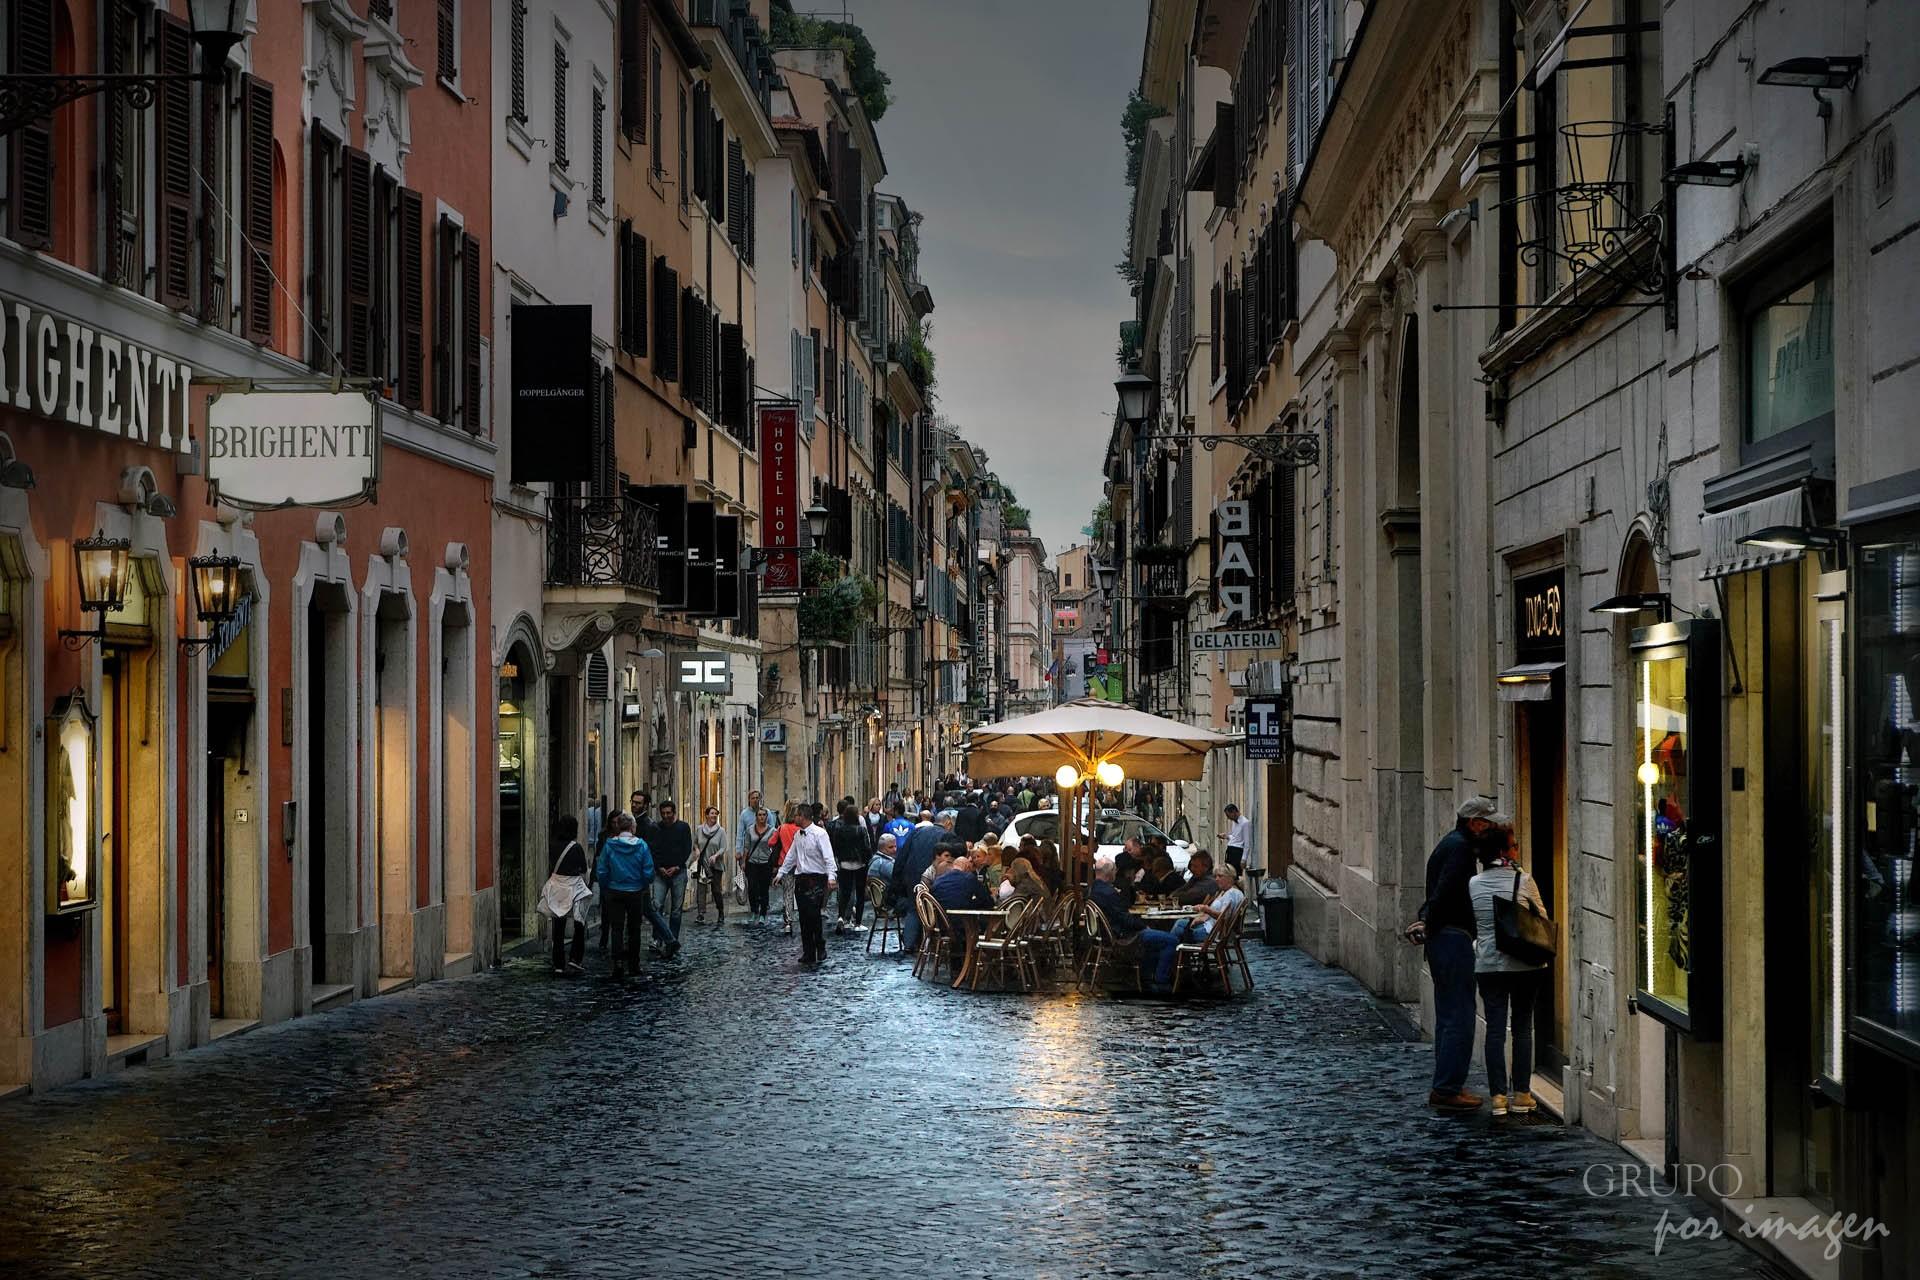 Roma (4) / Efraín David